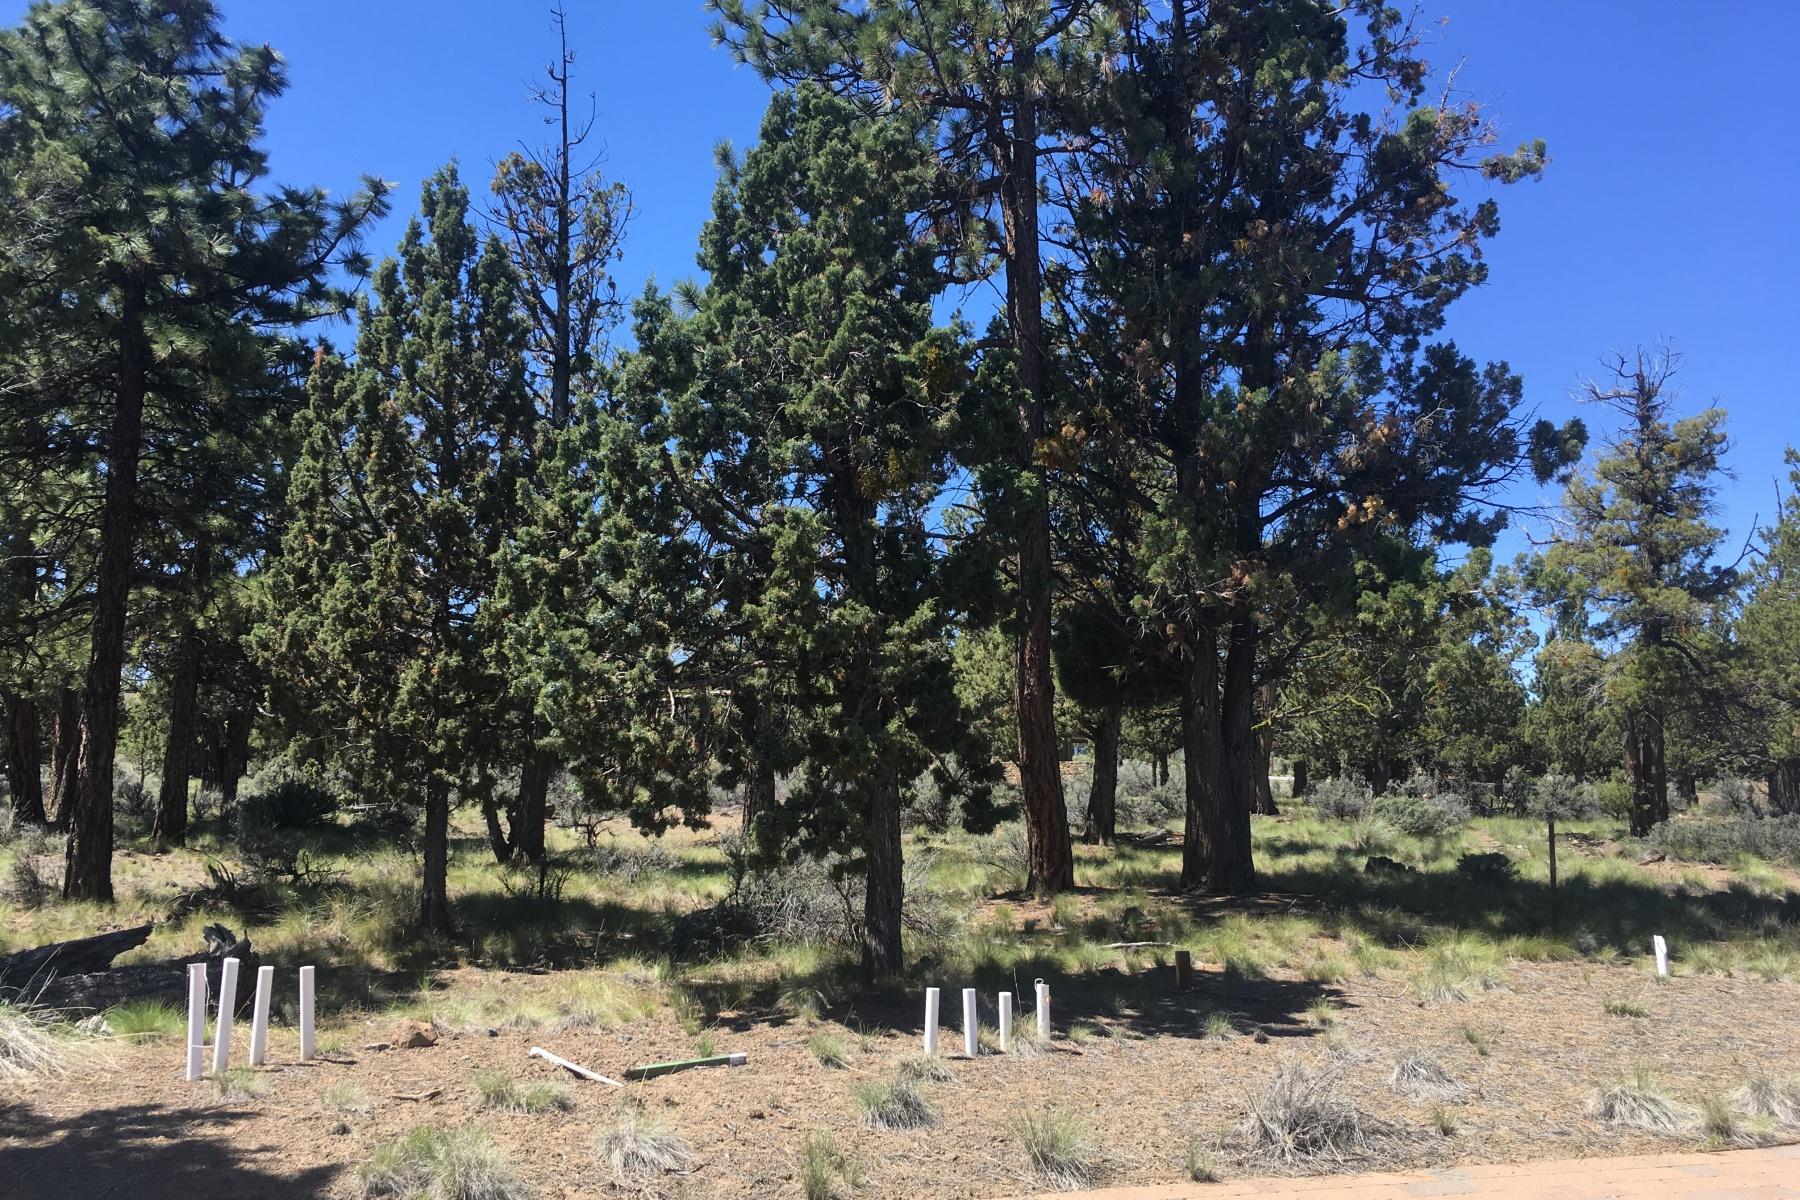 Terreno para Venda às North Rim Flat, Buildable Lot 1481 NW Puccoon Ct Bend, Oregon, 97701 Estados Unidos